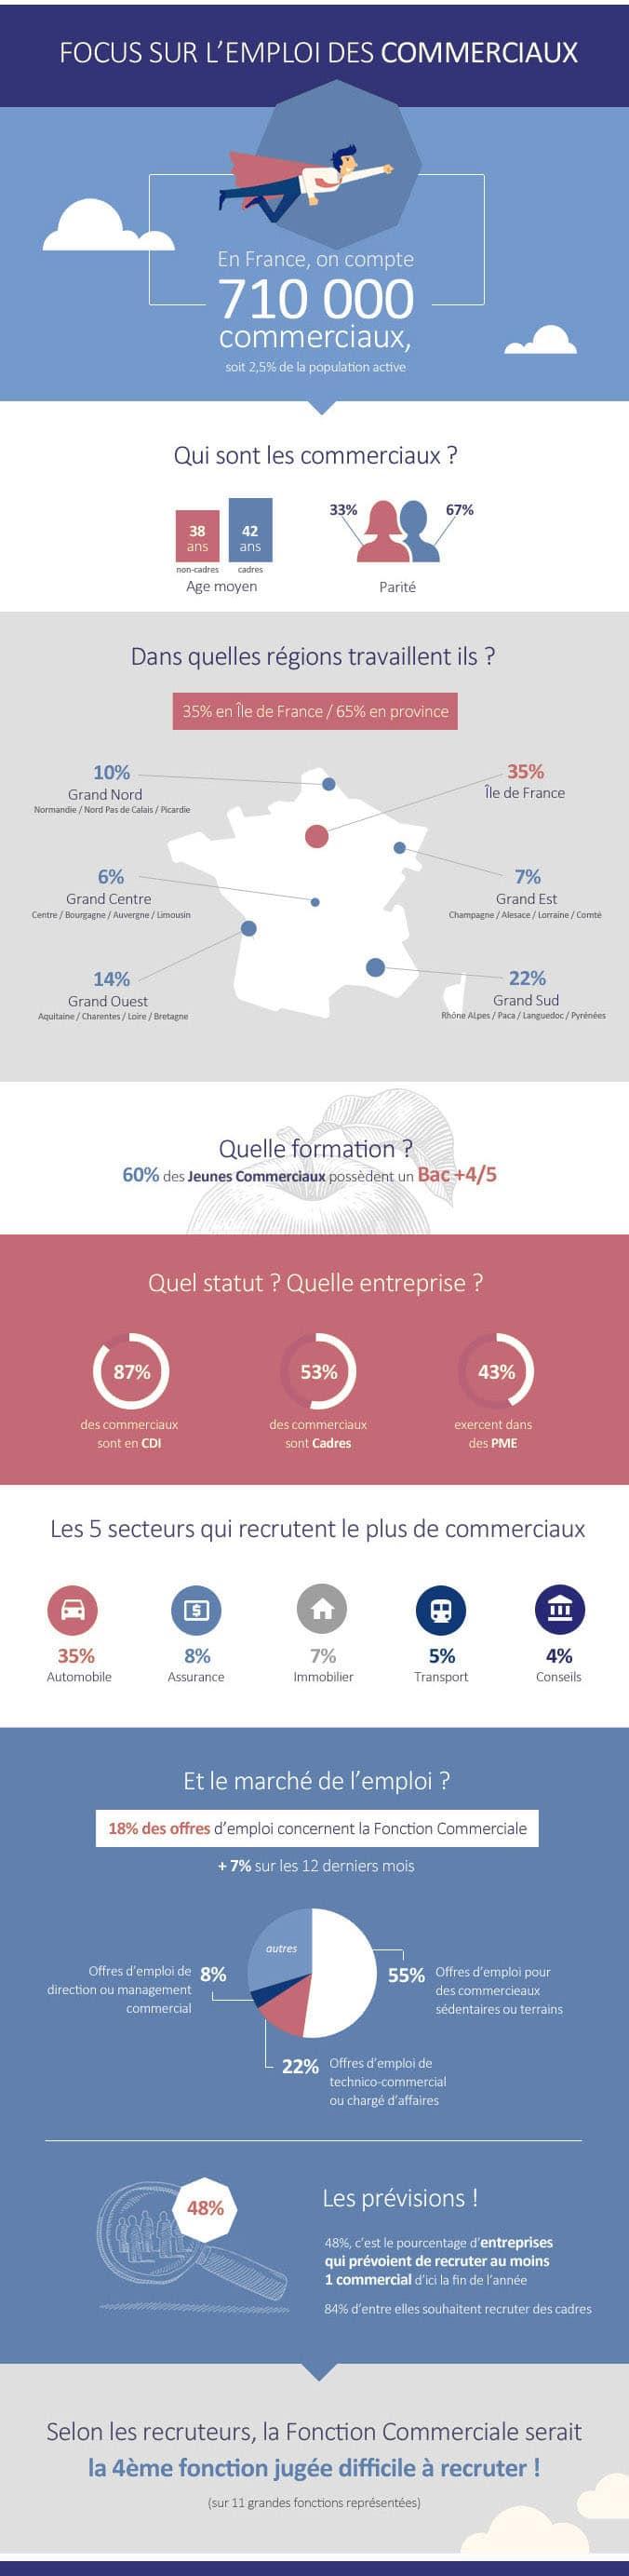 infographie emploi des commerciaux en France